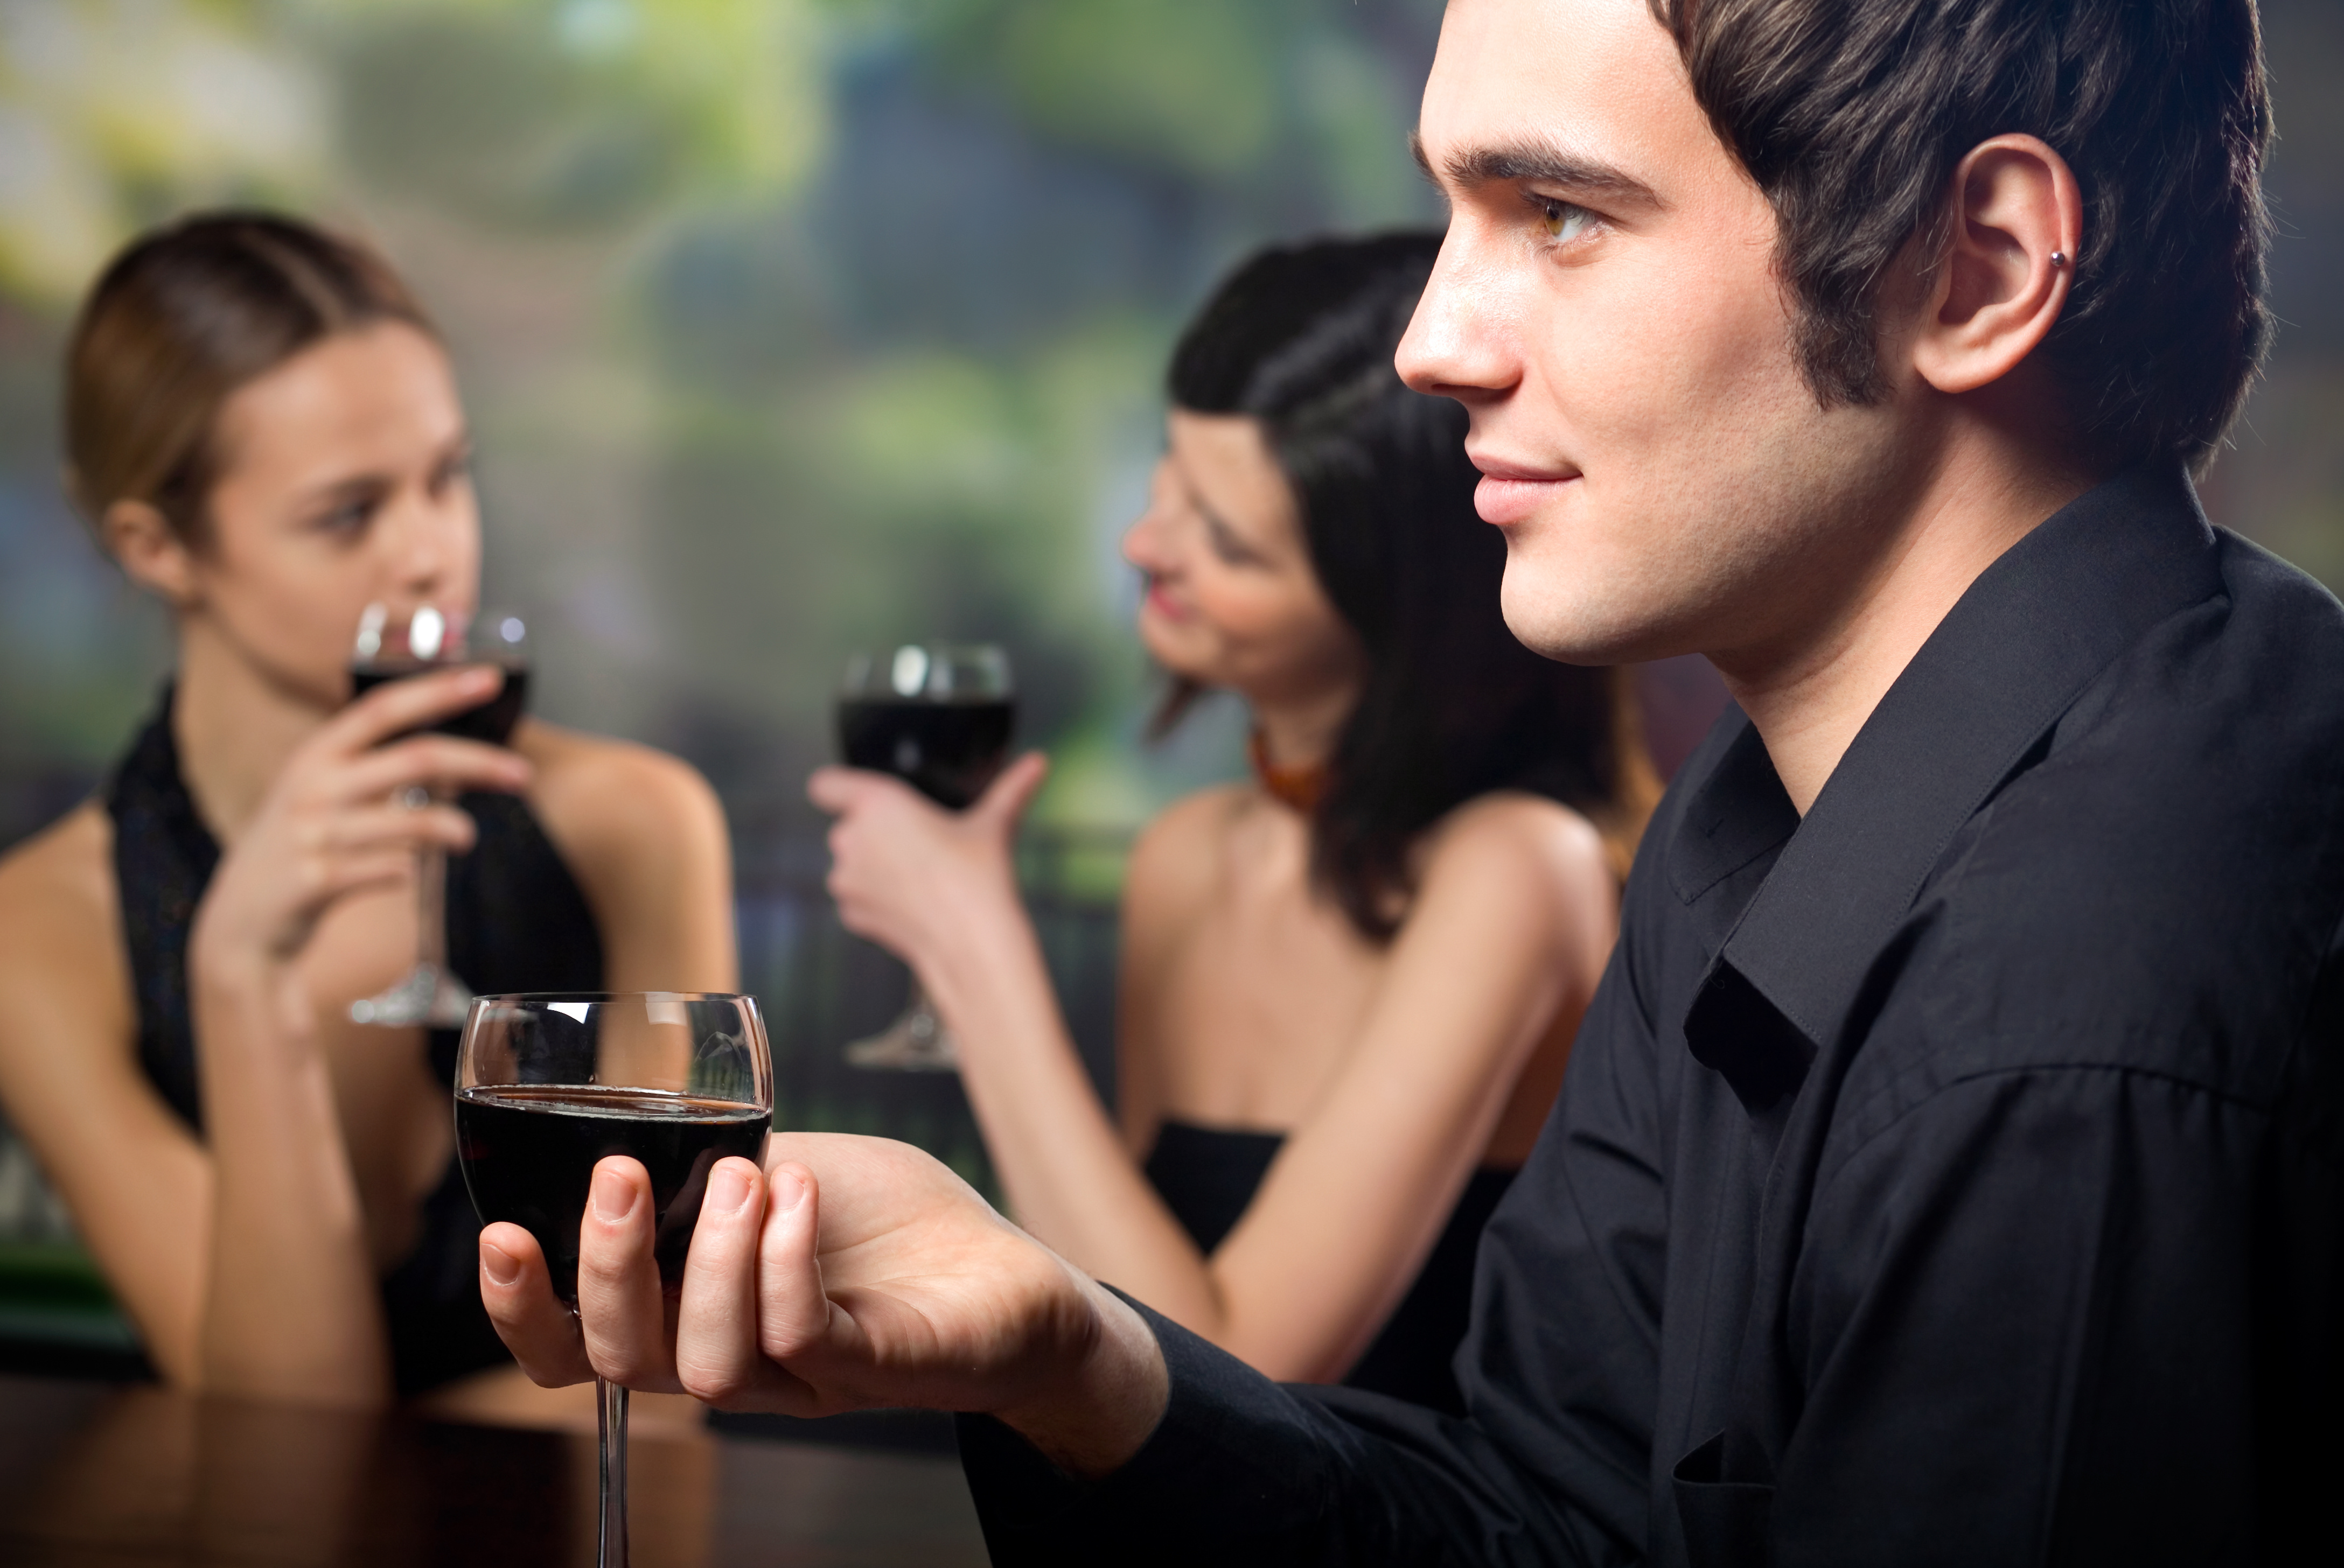 Hẹn hò với con trai và hẹn hò với đàn ông – 11 điều khác biệt